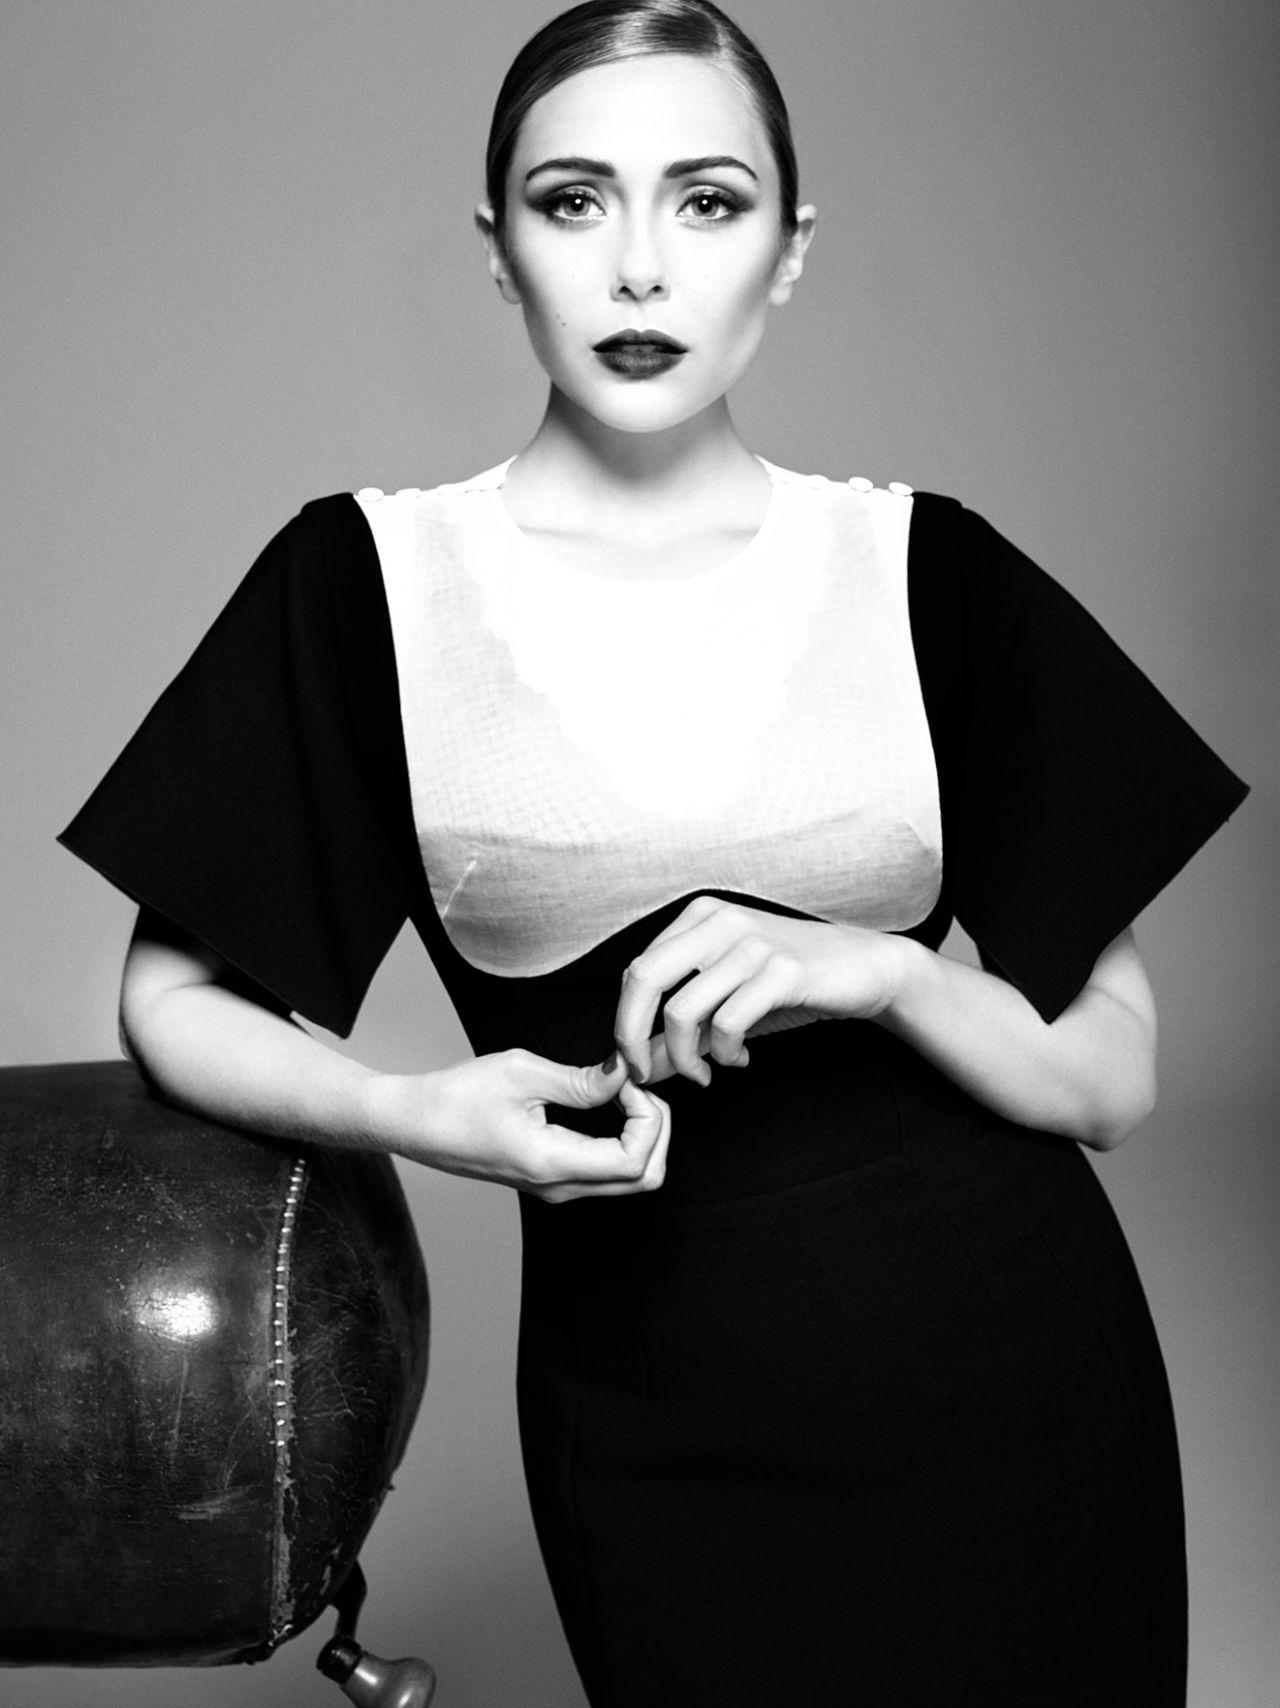 Elizabeth Olsen Tom Munro Photoshoot For Vogue Magazine